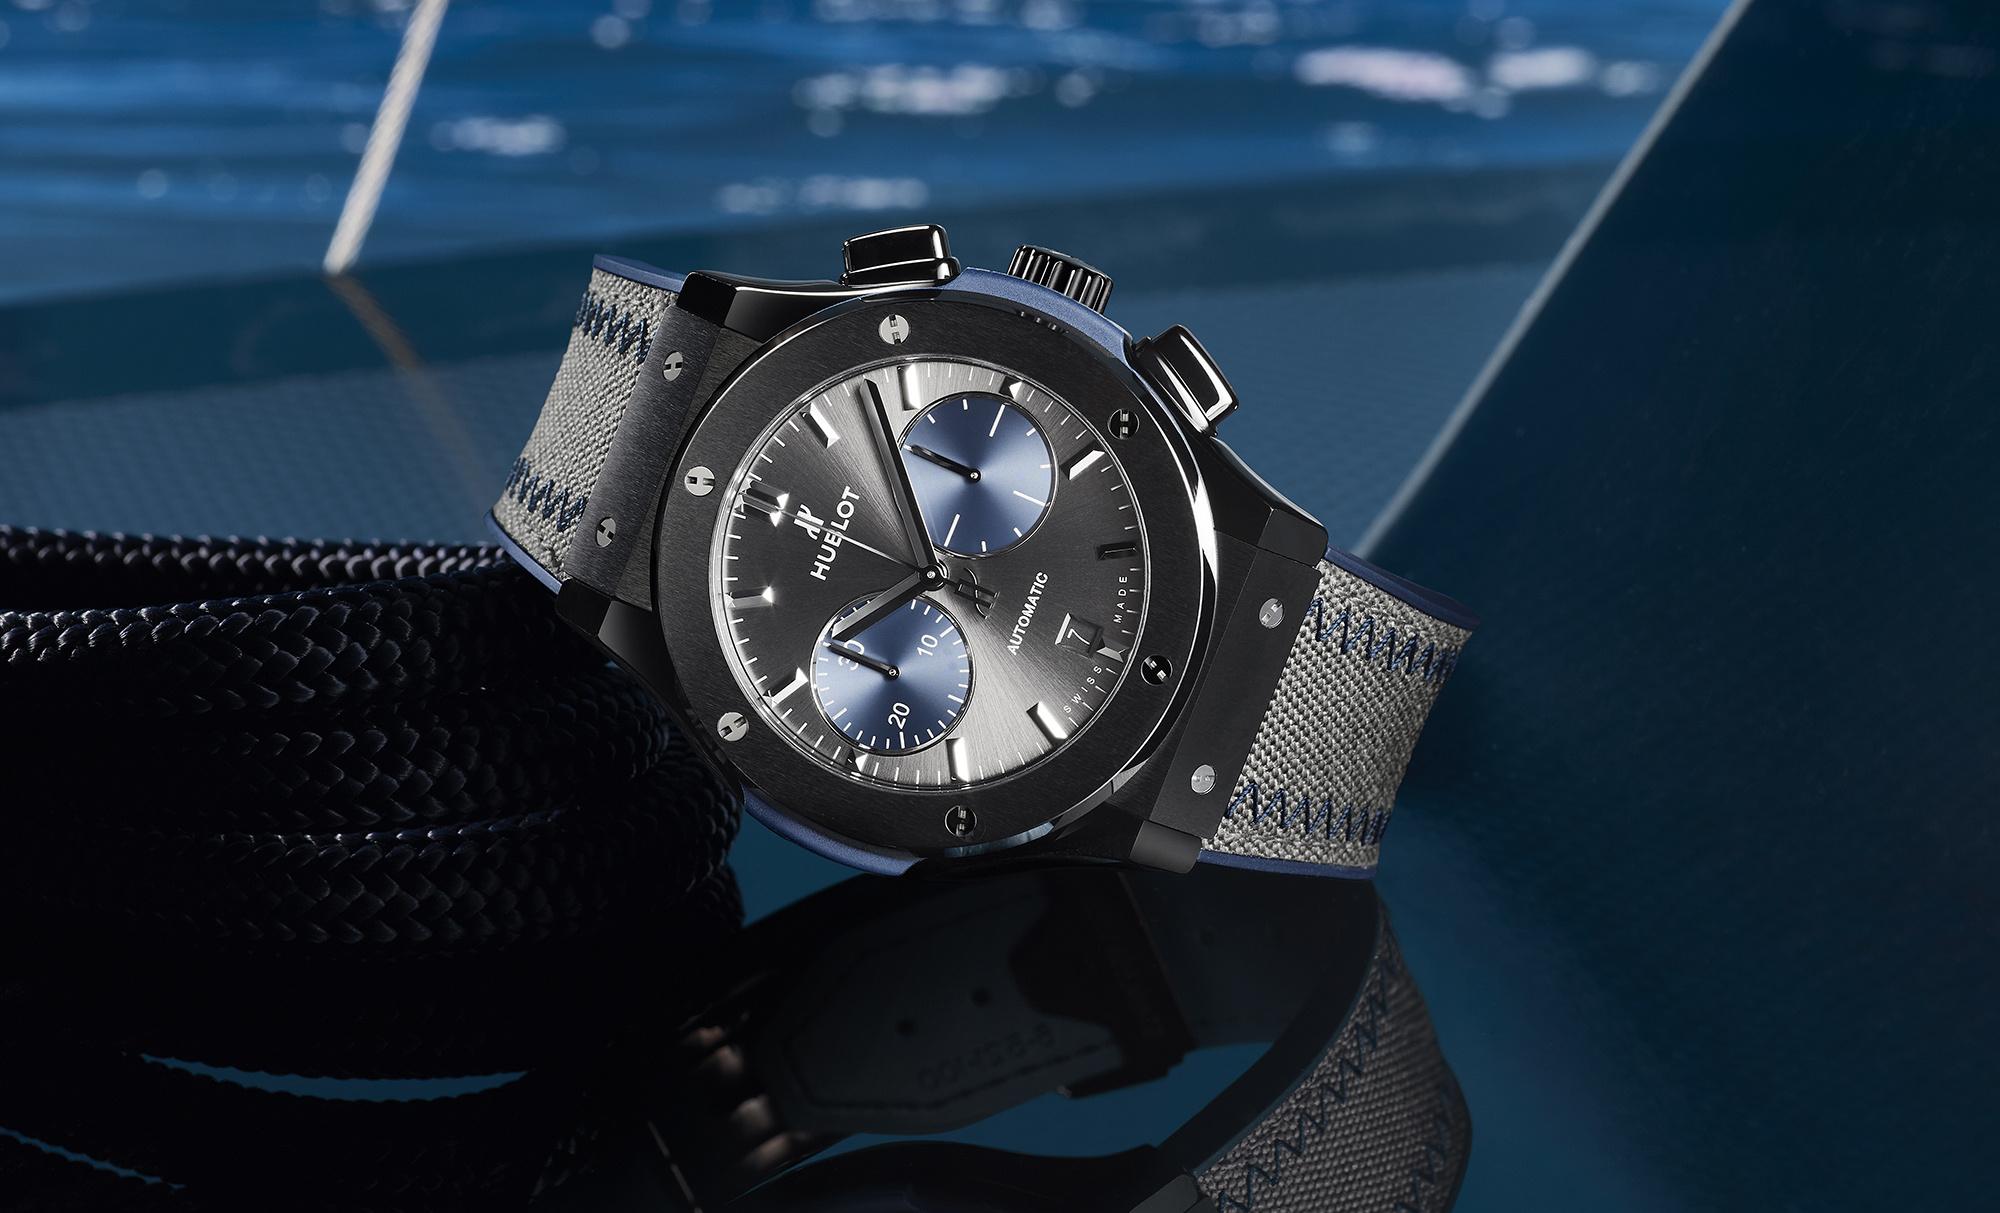 3 Hublot horloges welke u zeker wilt dragen!